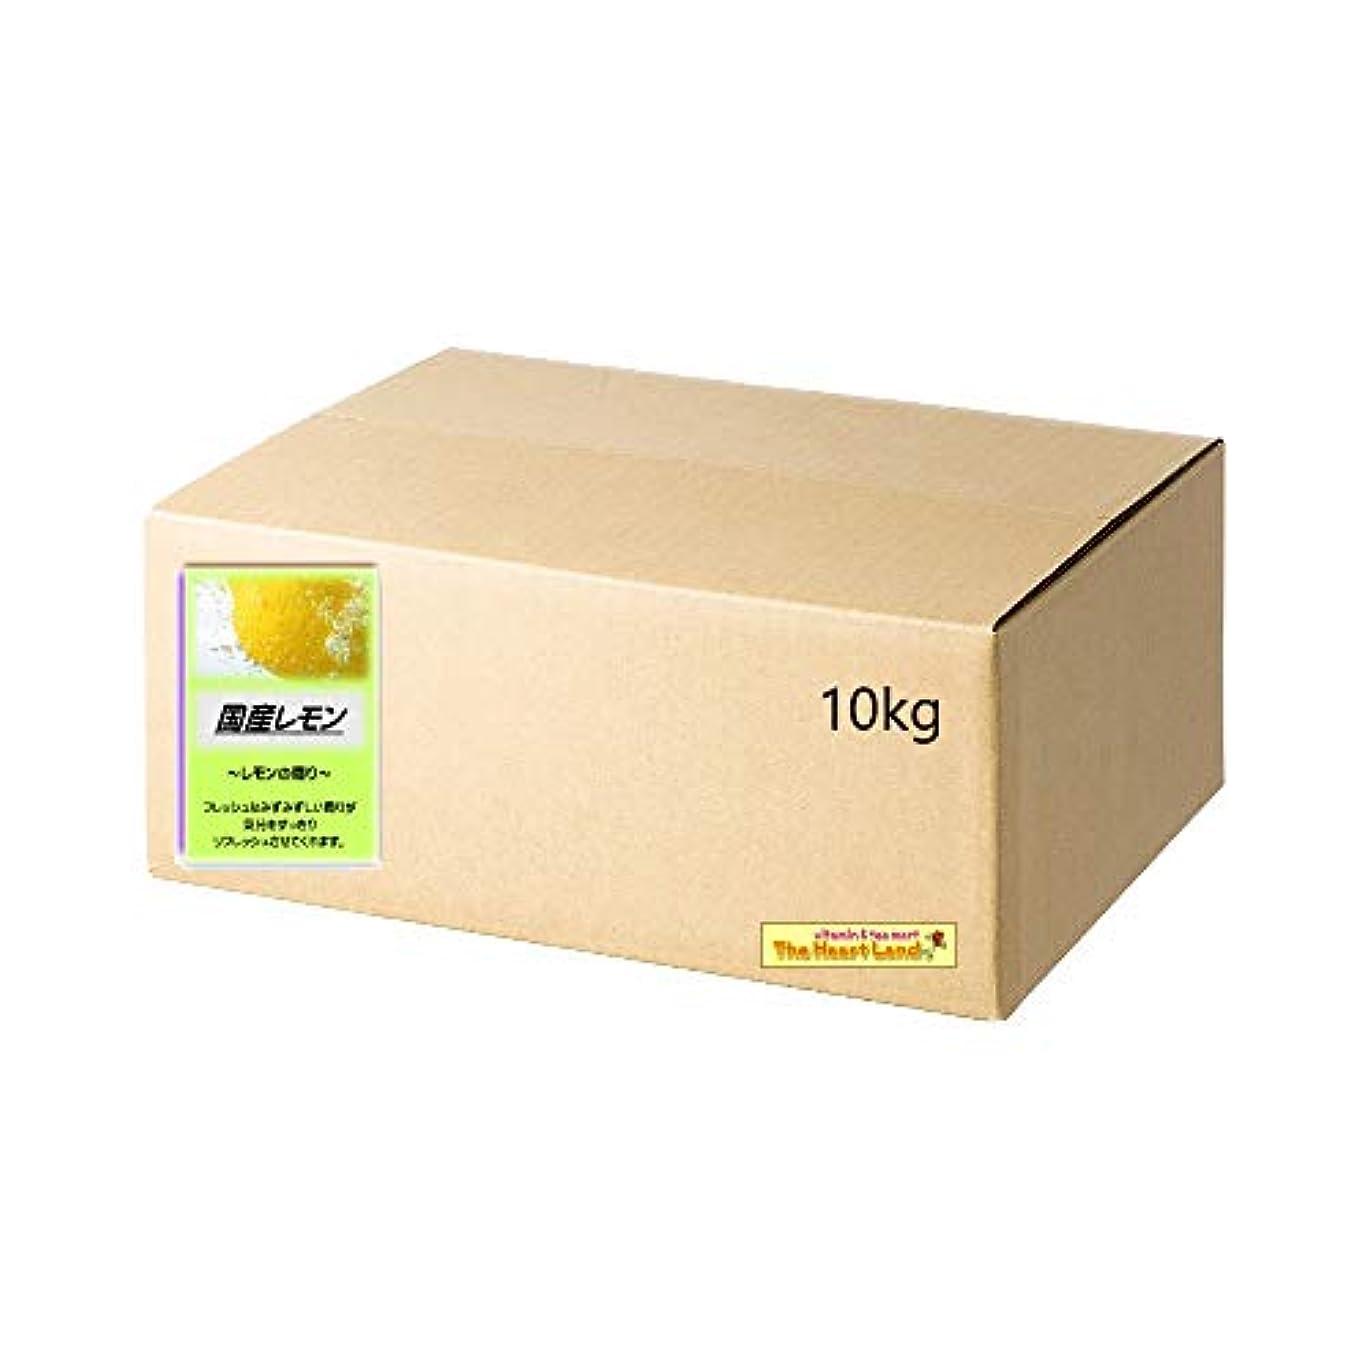 種をまく提唱する建築家アサヒ入浴剤 浴用入浴化粧品 国産レモン 10kg